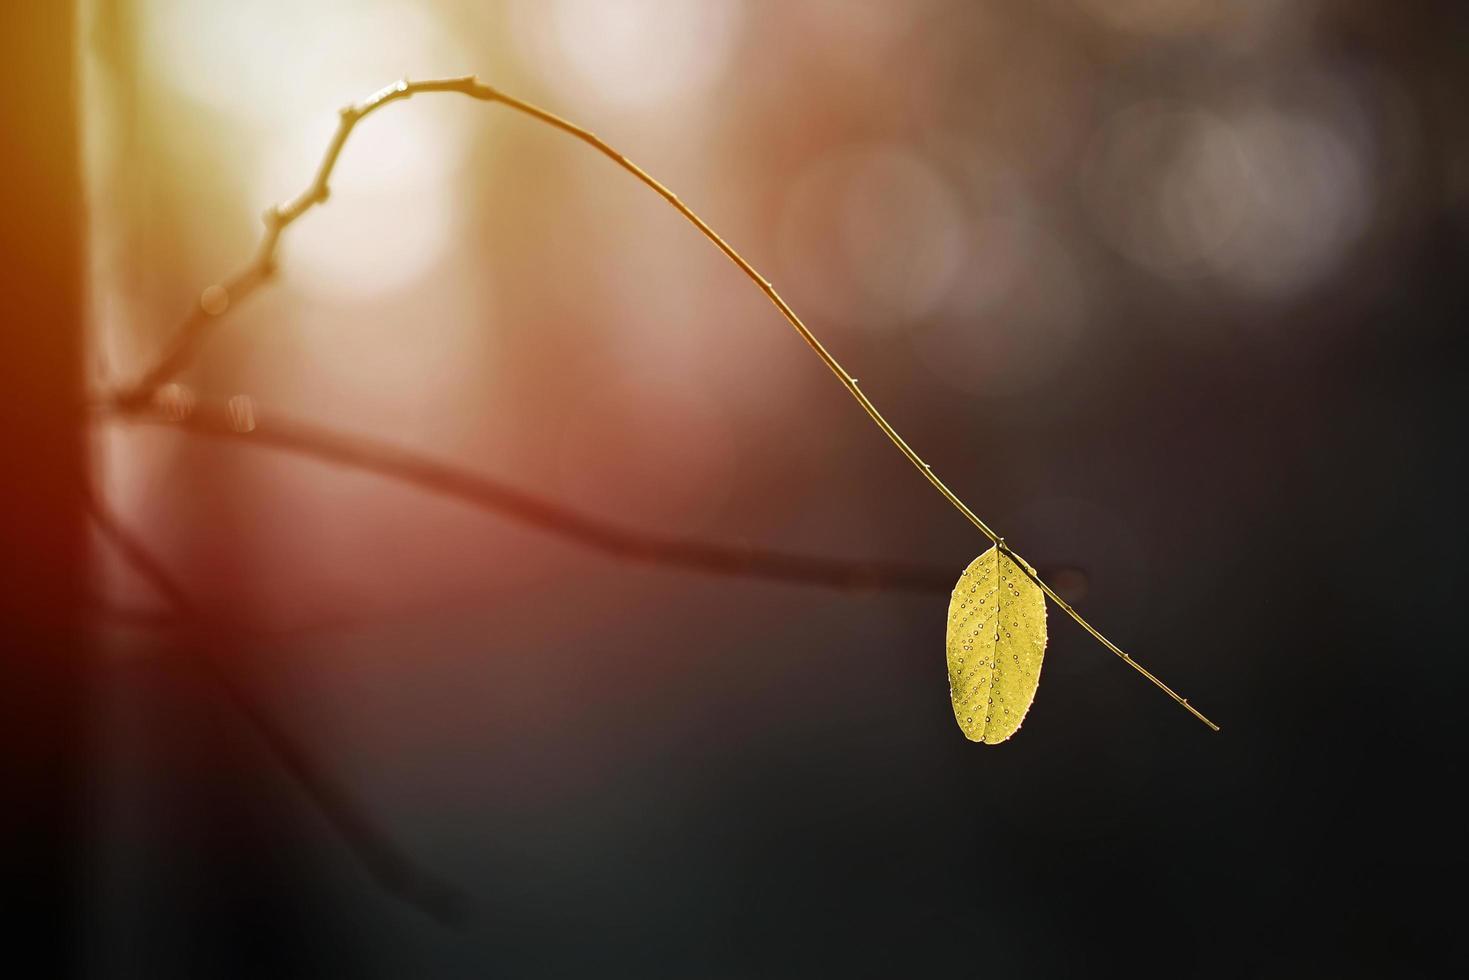 vista de naturaleza de primer plano de hoja sobre fondo verde borroso en el jardín con espacio de copia utilizando como fondo plantas verdes paisaje natural, ecología, concepto de papel tapiz fresco. enfoque suave. foto